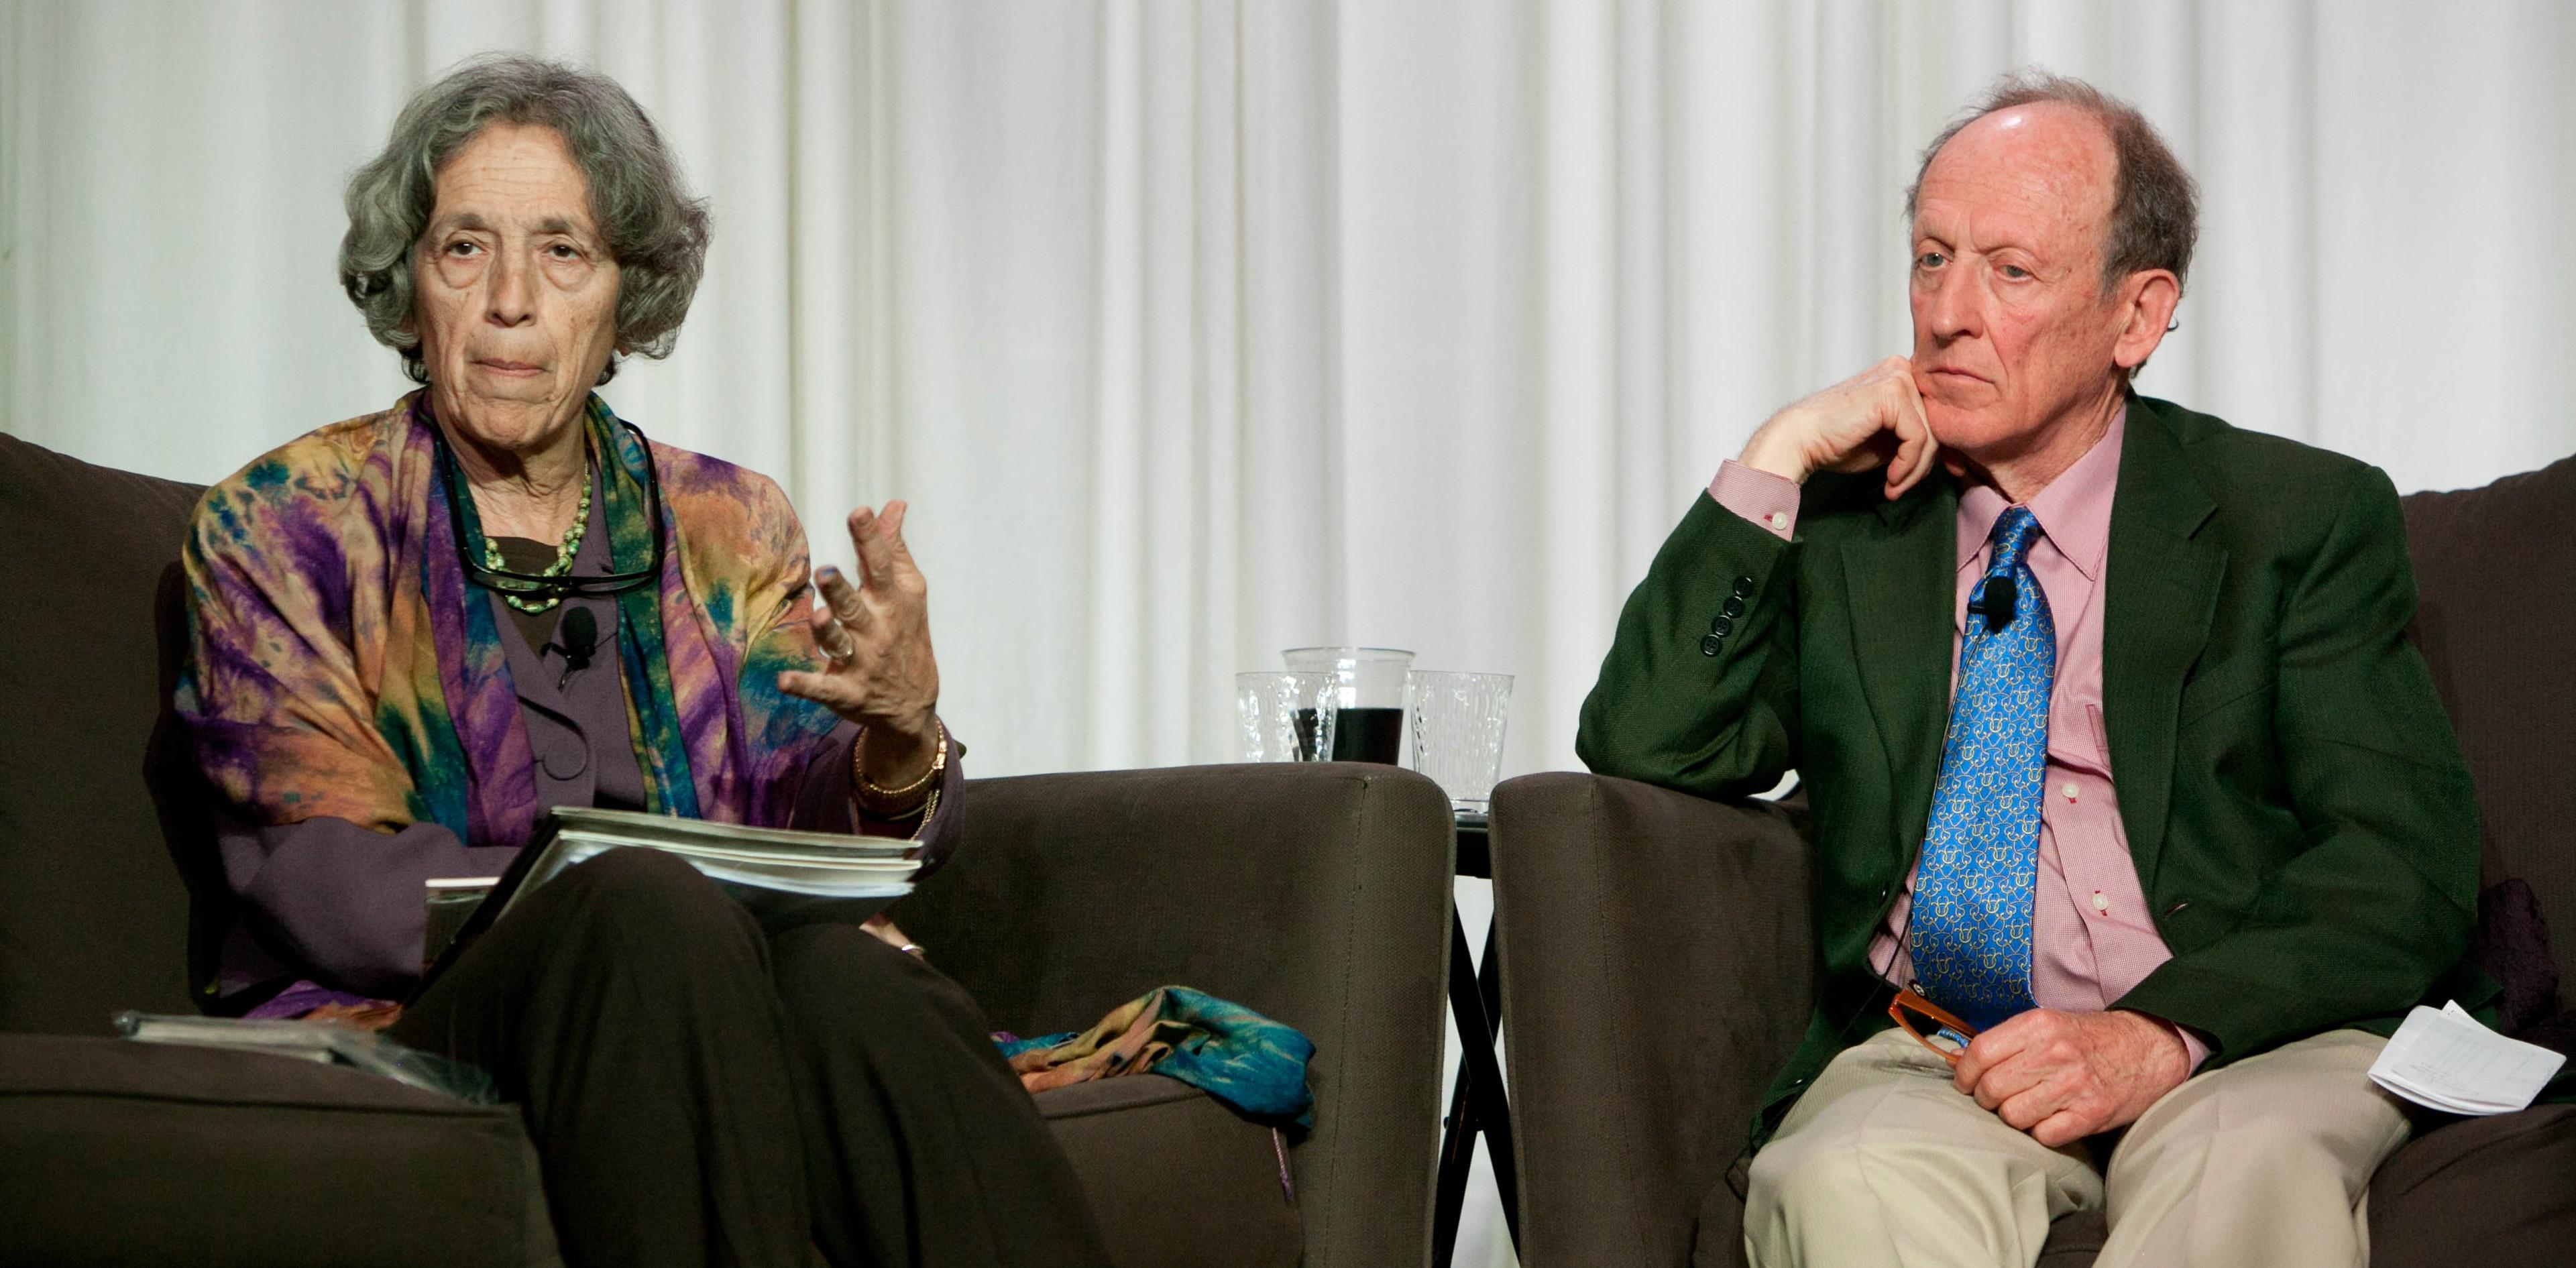 Ruth Messinger and Dan Chirot